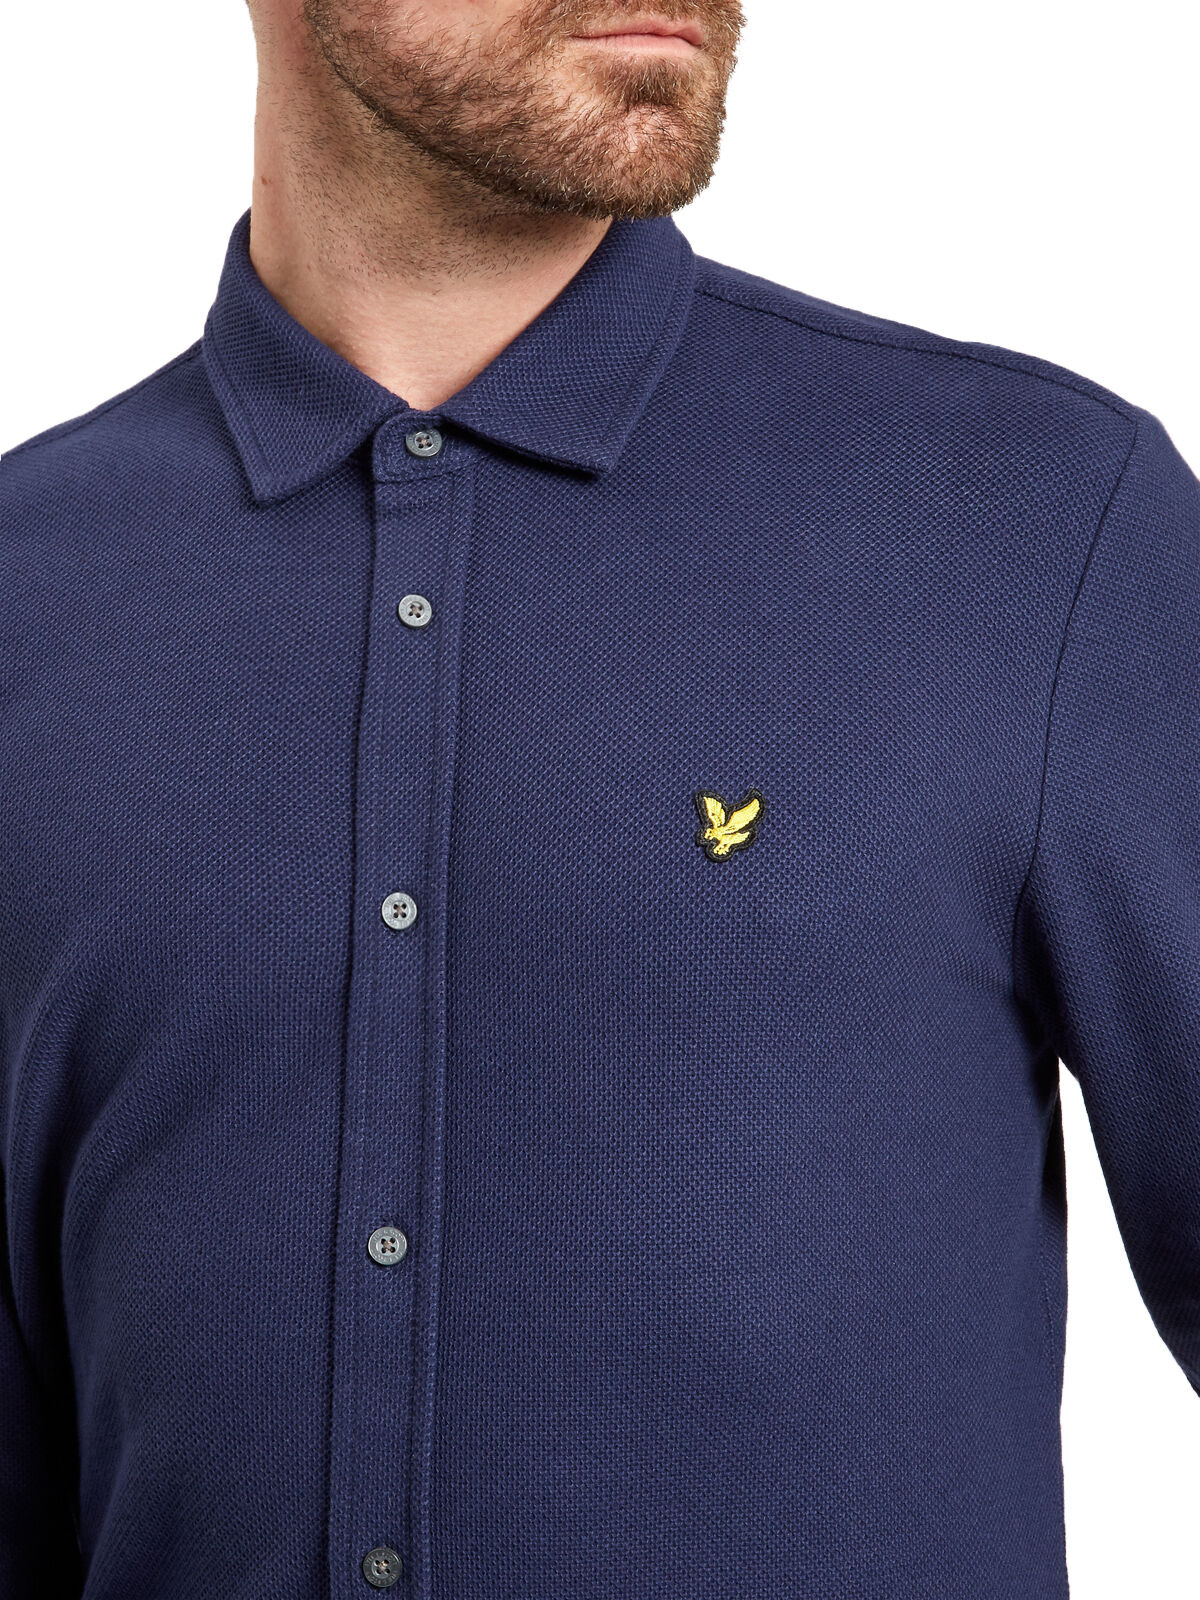 Lyle & Scott Vintage Honeycomb Jersey Jersey Jersey Shirt Slim Cotton Long Sleeve Navy Blau   Ausgezeichneter Wert  5d5819